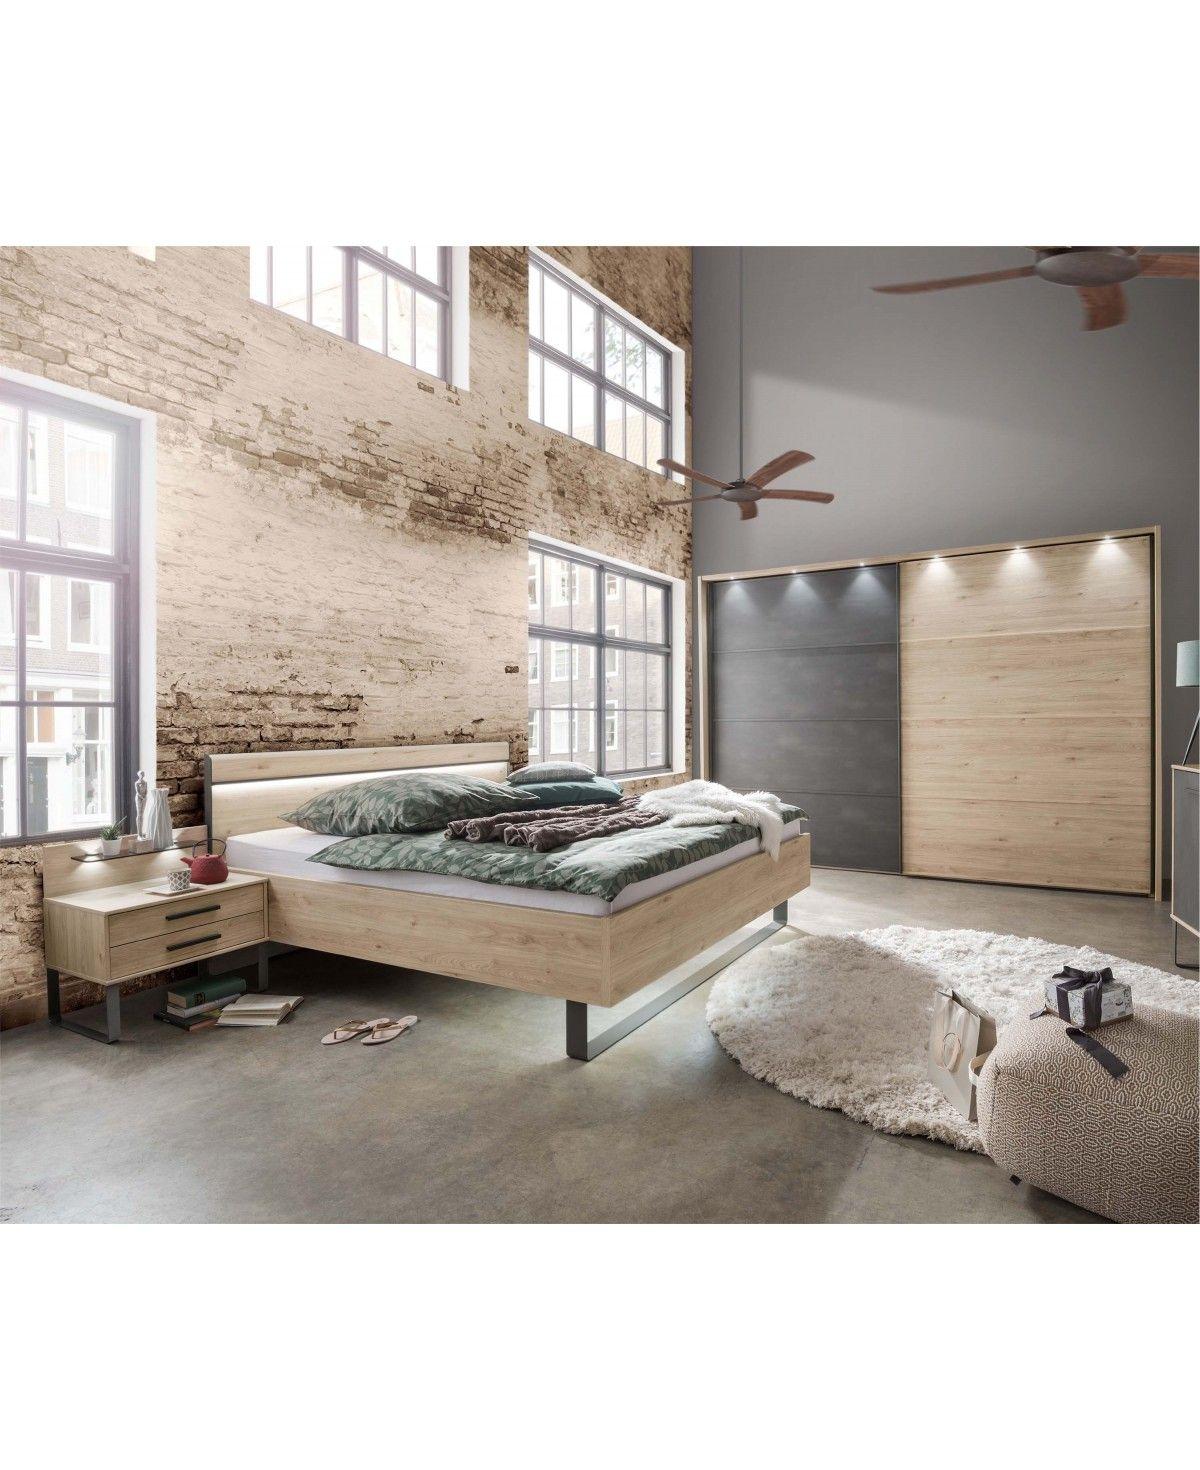 WIEMANN Schlafzimmer Brüssel Schrank Bett Nachttisch 10x10